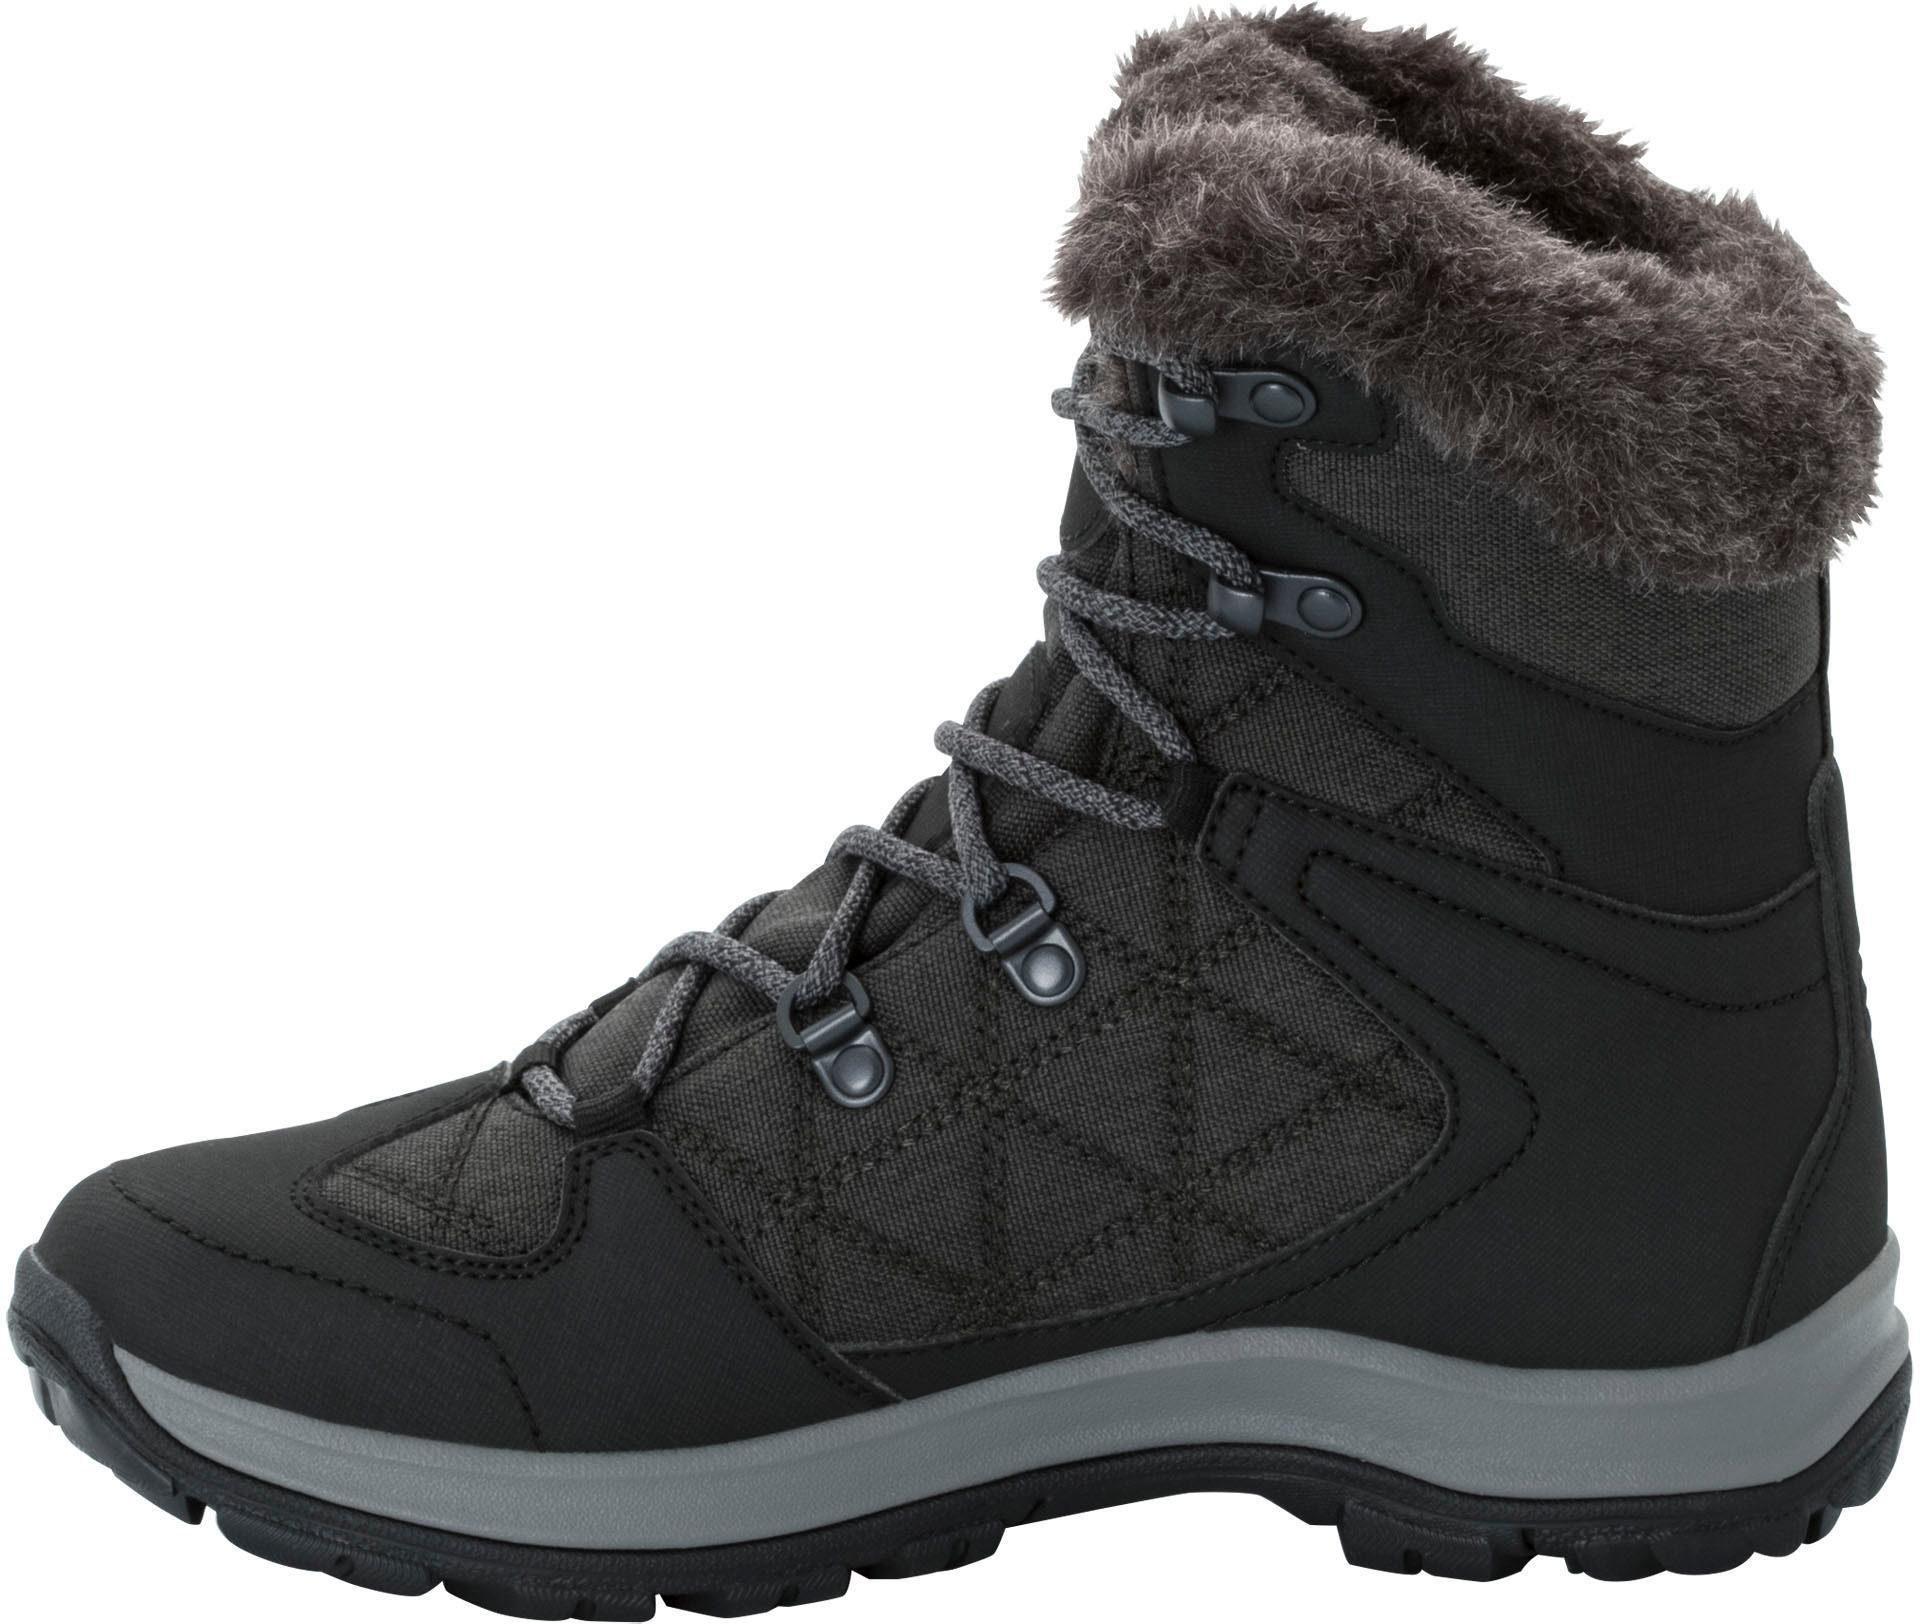 Jack Wolfskin Outdoorwinterstiefel Thunder Bay Texapore Mid W | Schuhe > Outdoorschuhe > Outdoorwinterstiefel | Schwarz | Jack Wolfskin